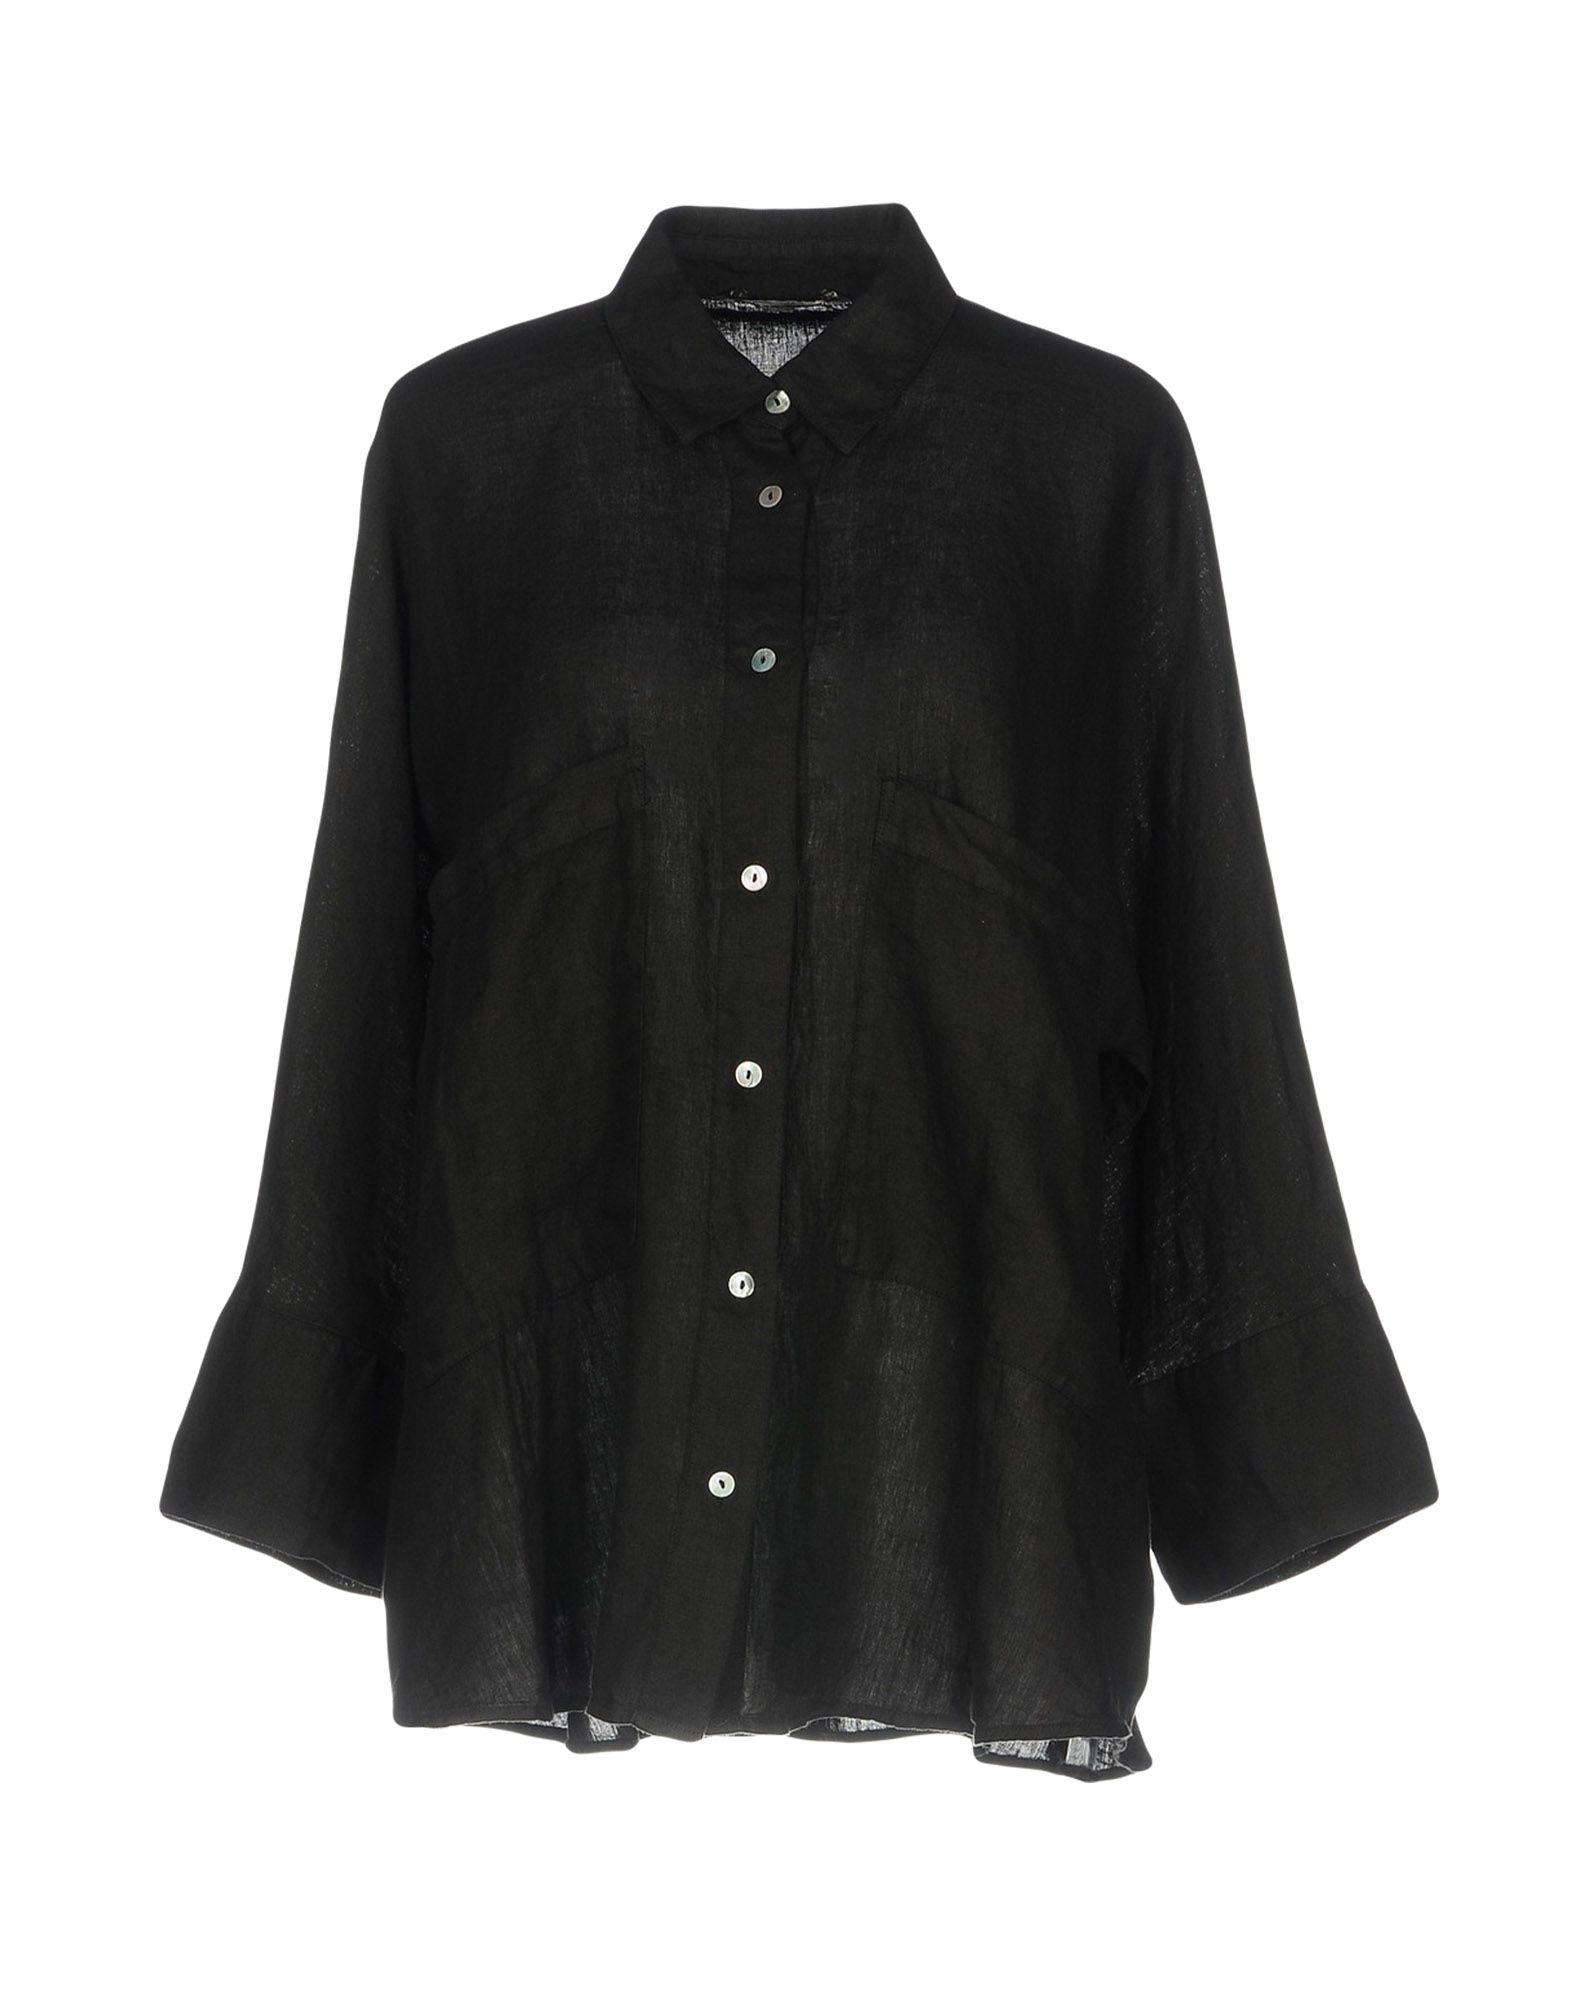 レディース NOVEMB3R シャツ ブラック